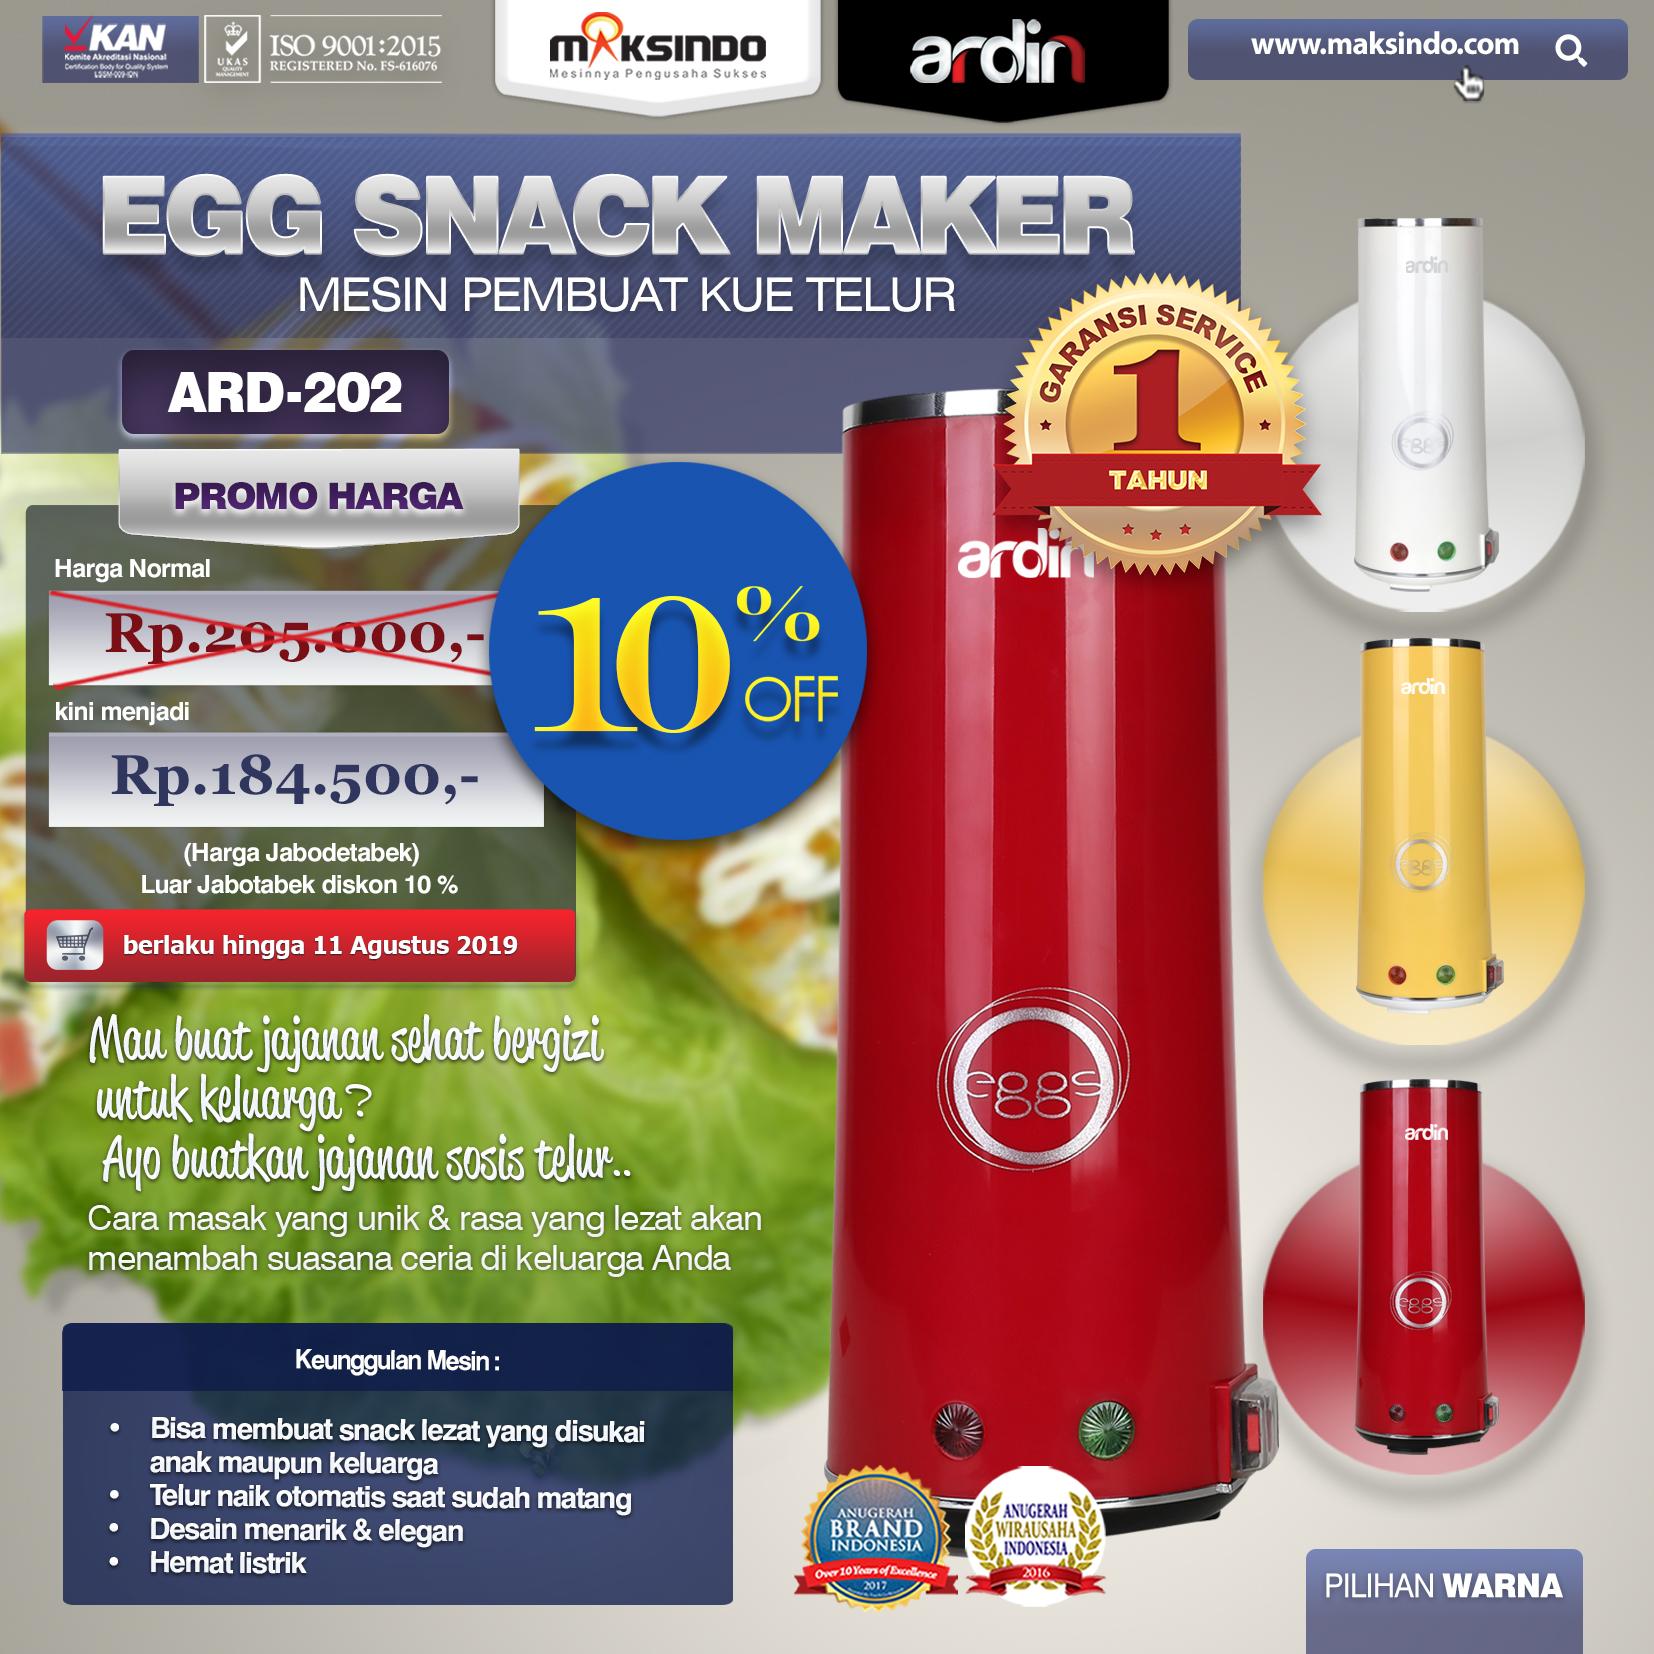 ARD-202 Egg Roll Maker Promo